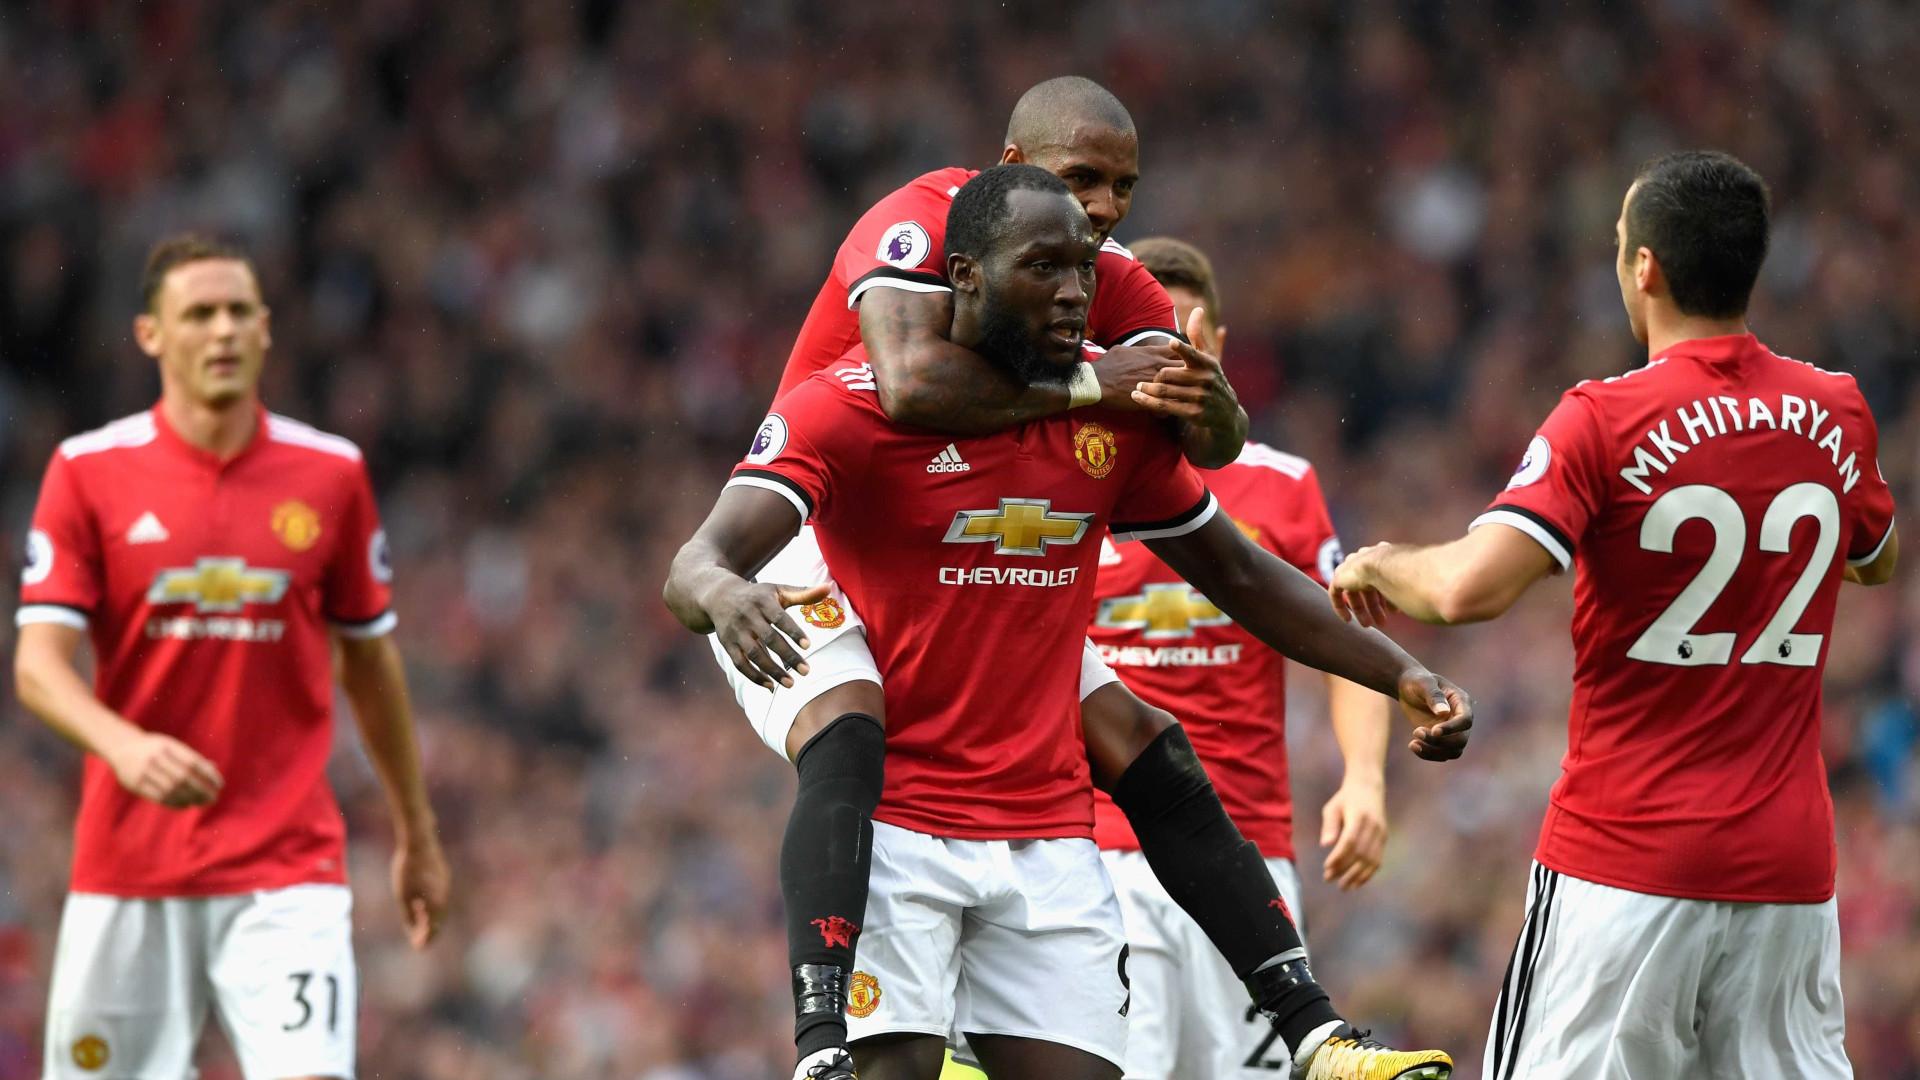 United de Mourinho goleia Everton no regresso de Rooney a Old Trafford